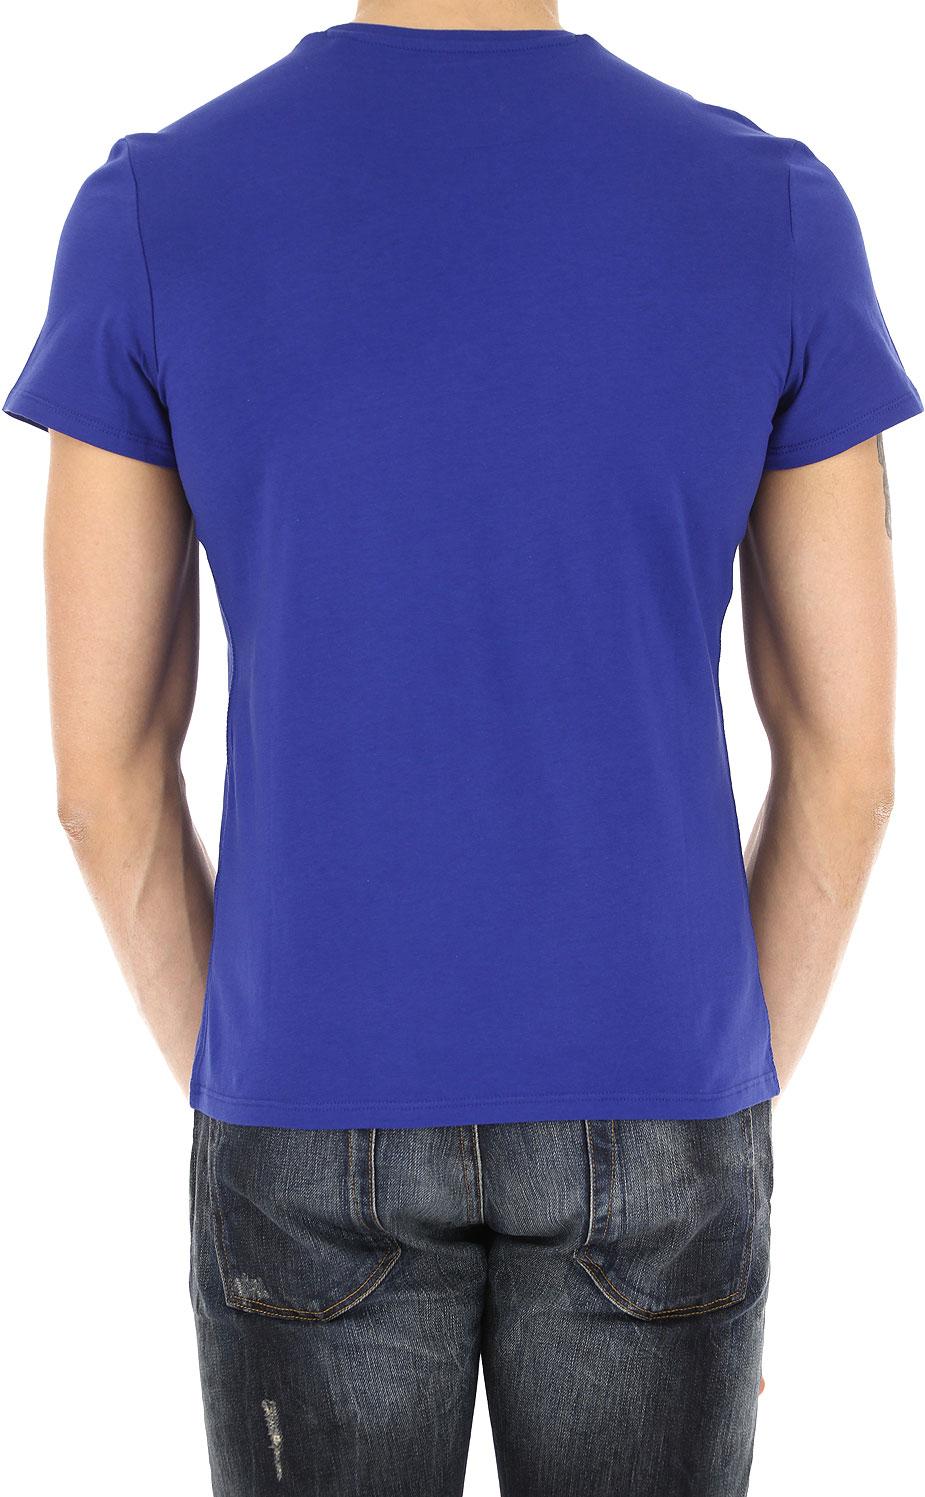 Abbigliamento Uomo Guess, Codice Articolo: m81i13i3z00-g716-